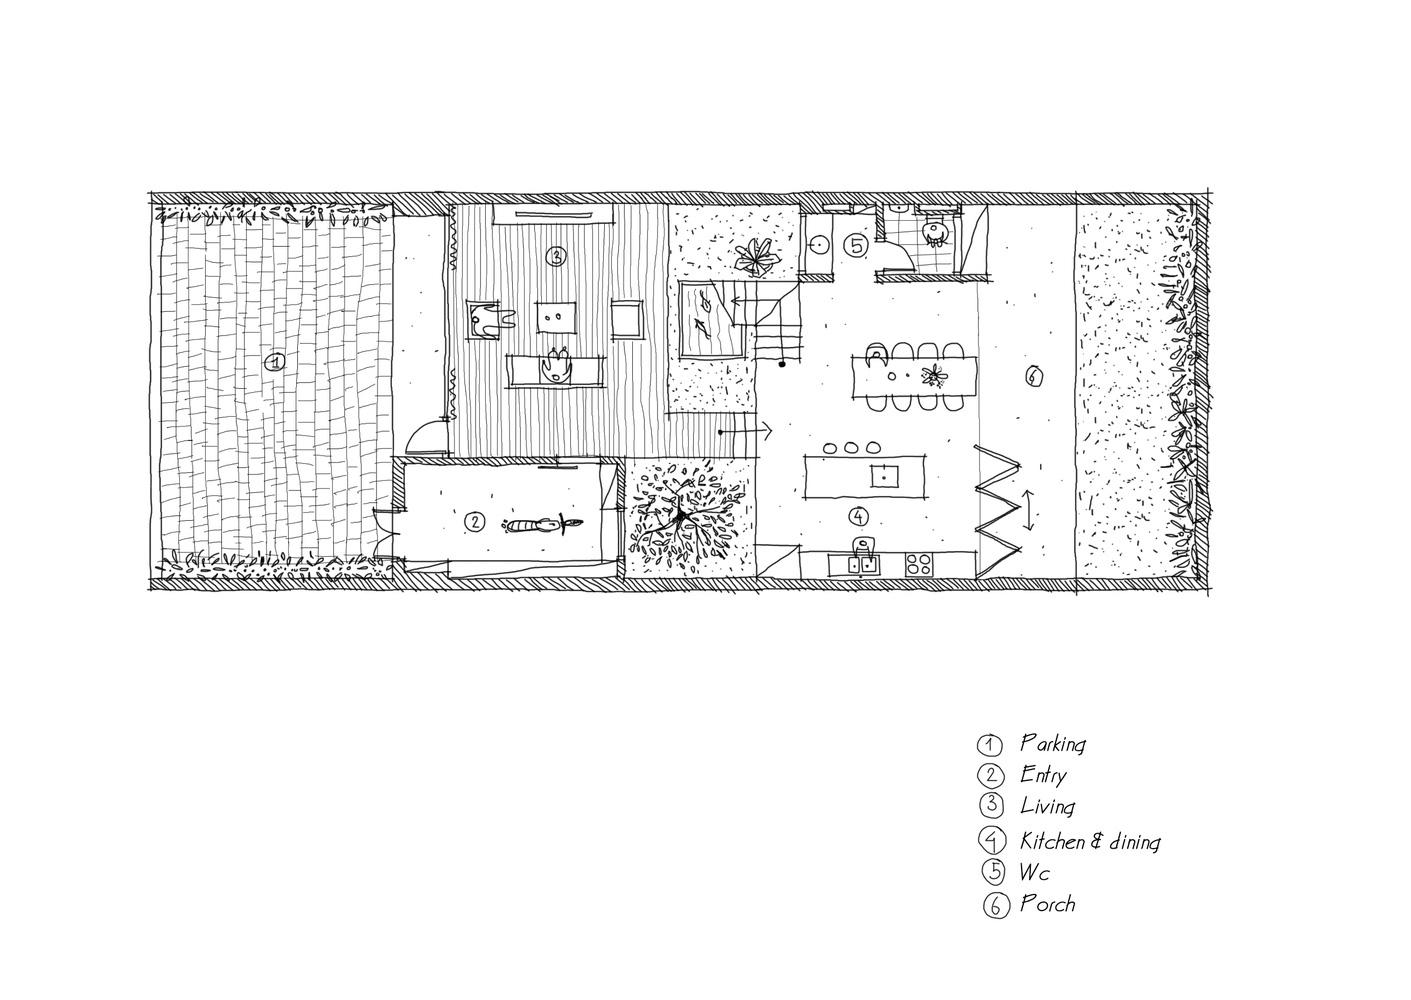 Ngôi nhà hạnh phúc ở Hạ Long: Nơi cả gia đình có thể nói chuyện với nhau từ mọi hướng - Ảnh 11.